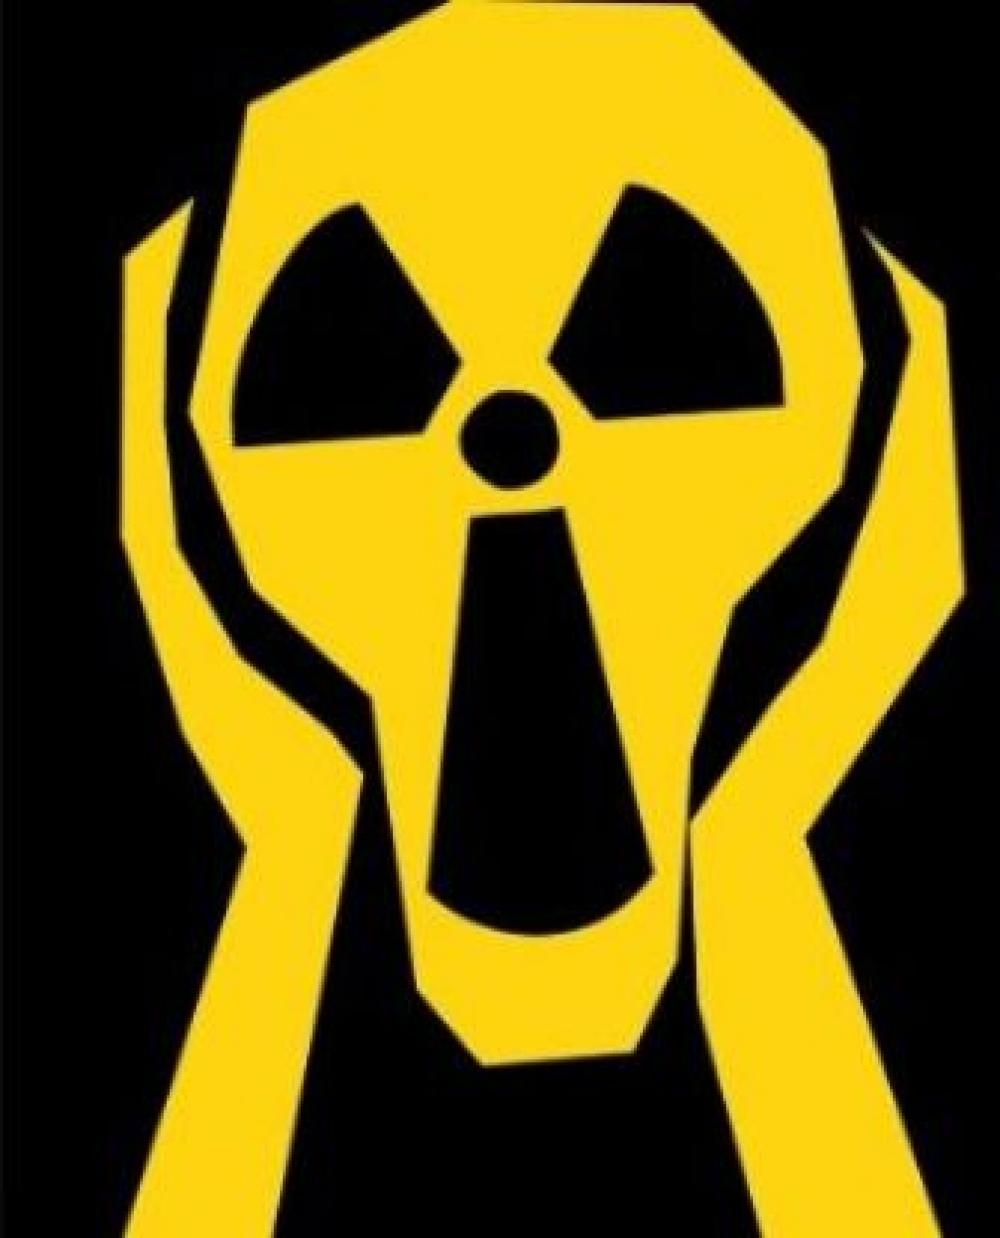 Almanya'dan nükleer sızıntıya karşı tabletli önlem